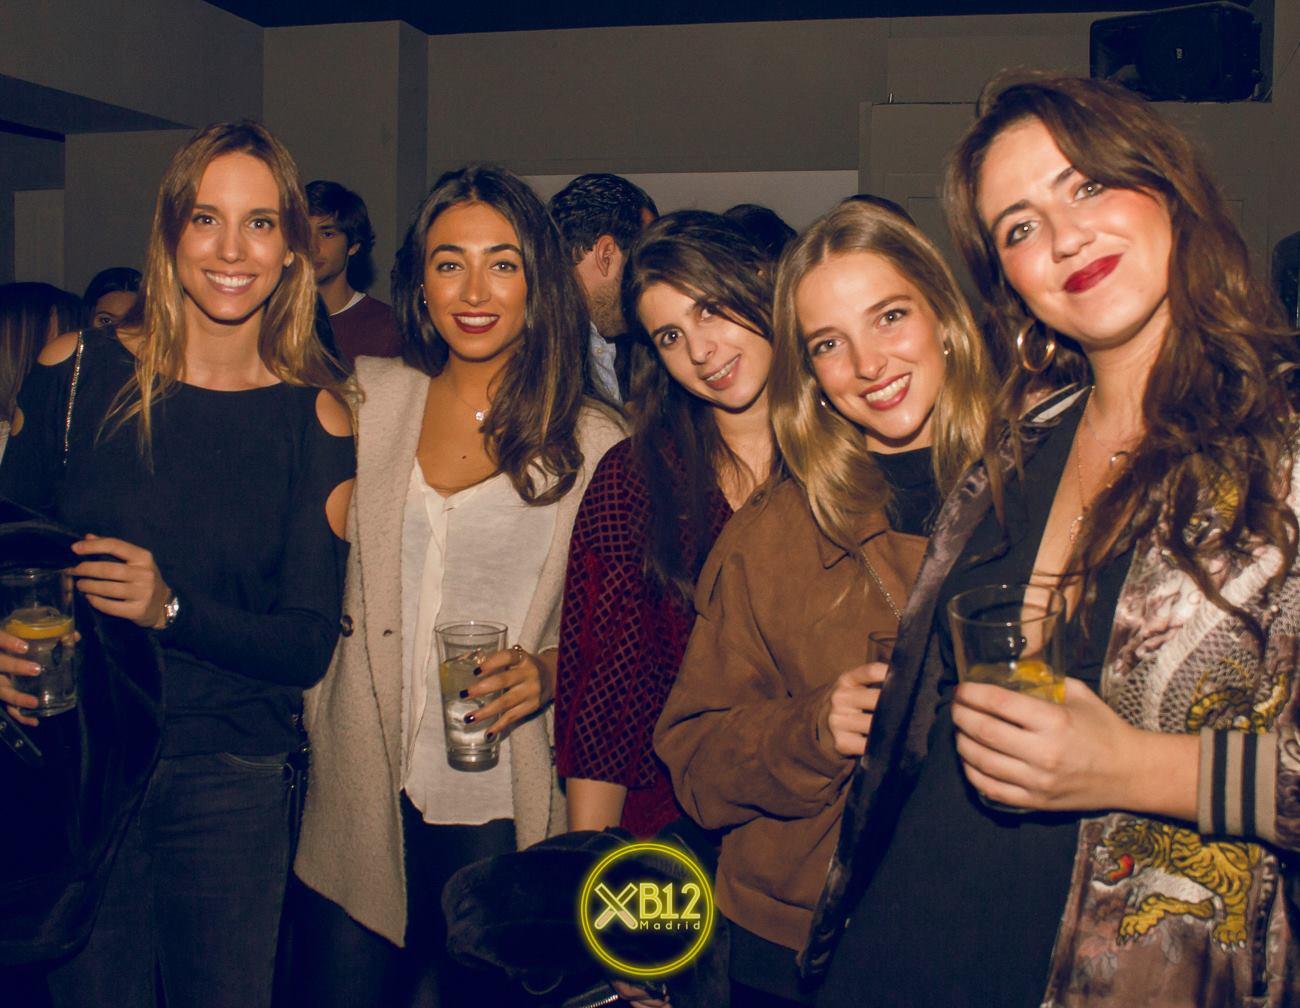 B12-Madrid-fiesta-Brugal-011.jpg